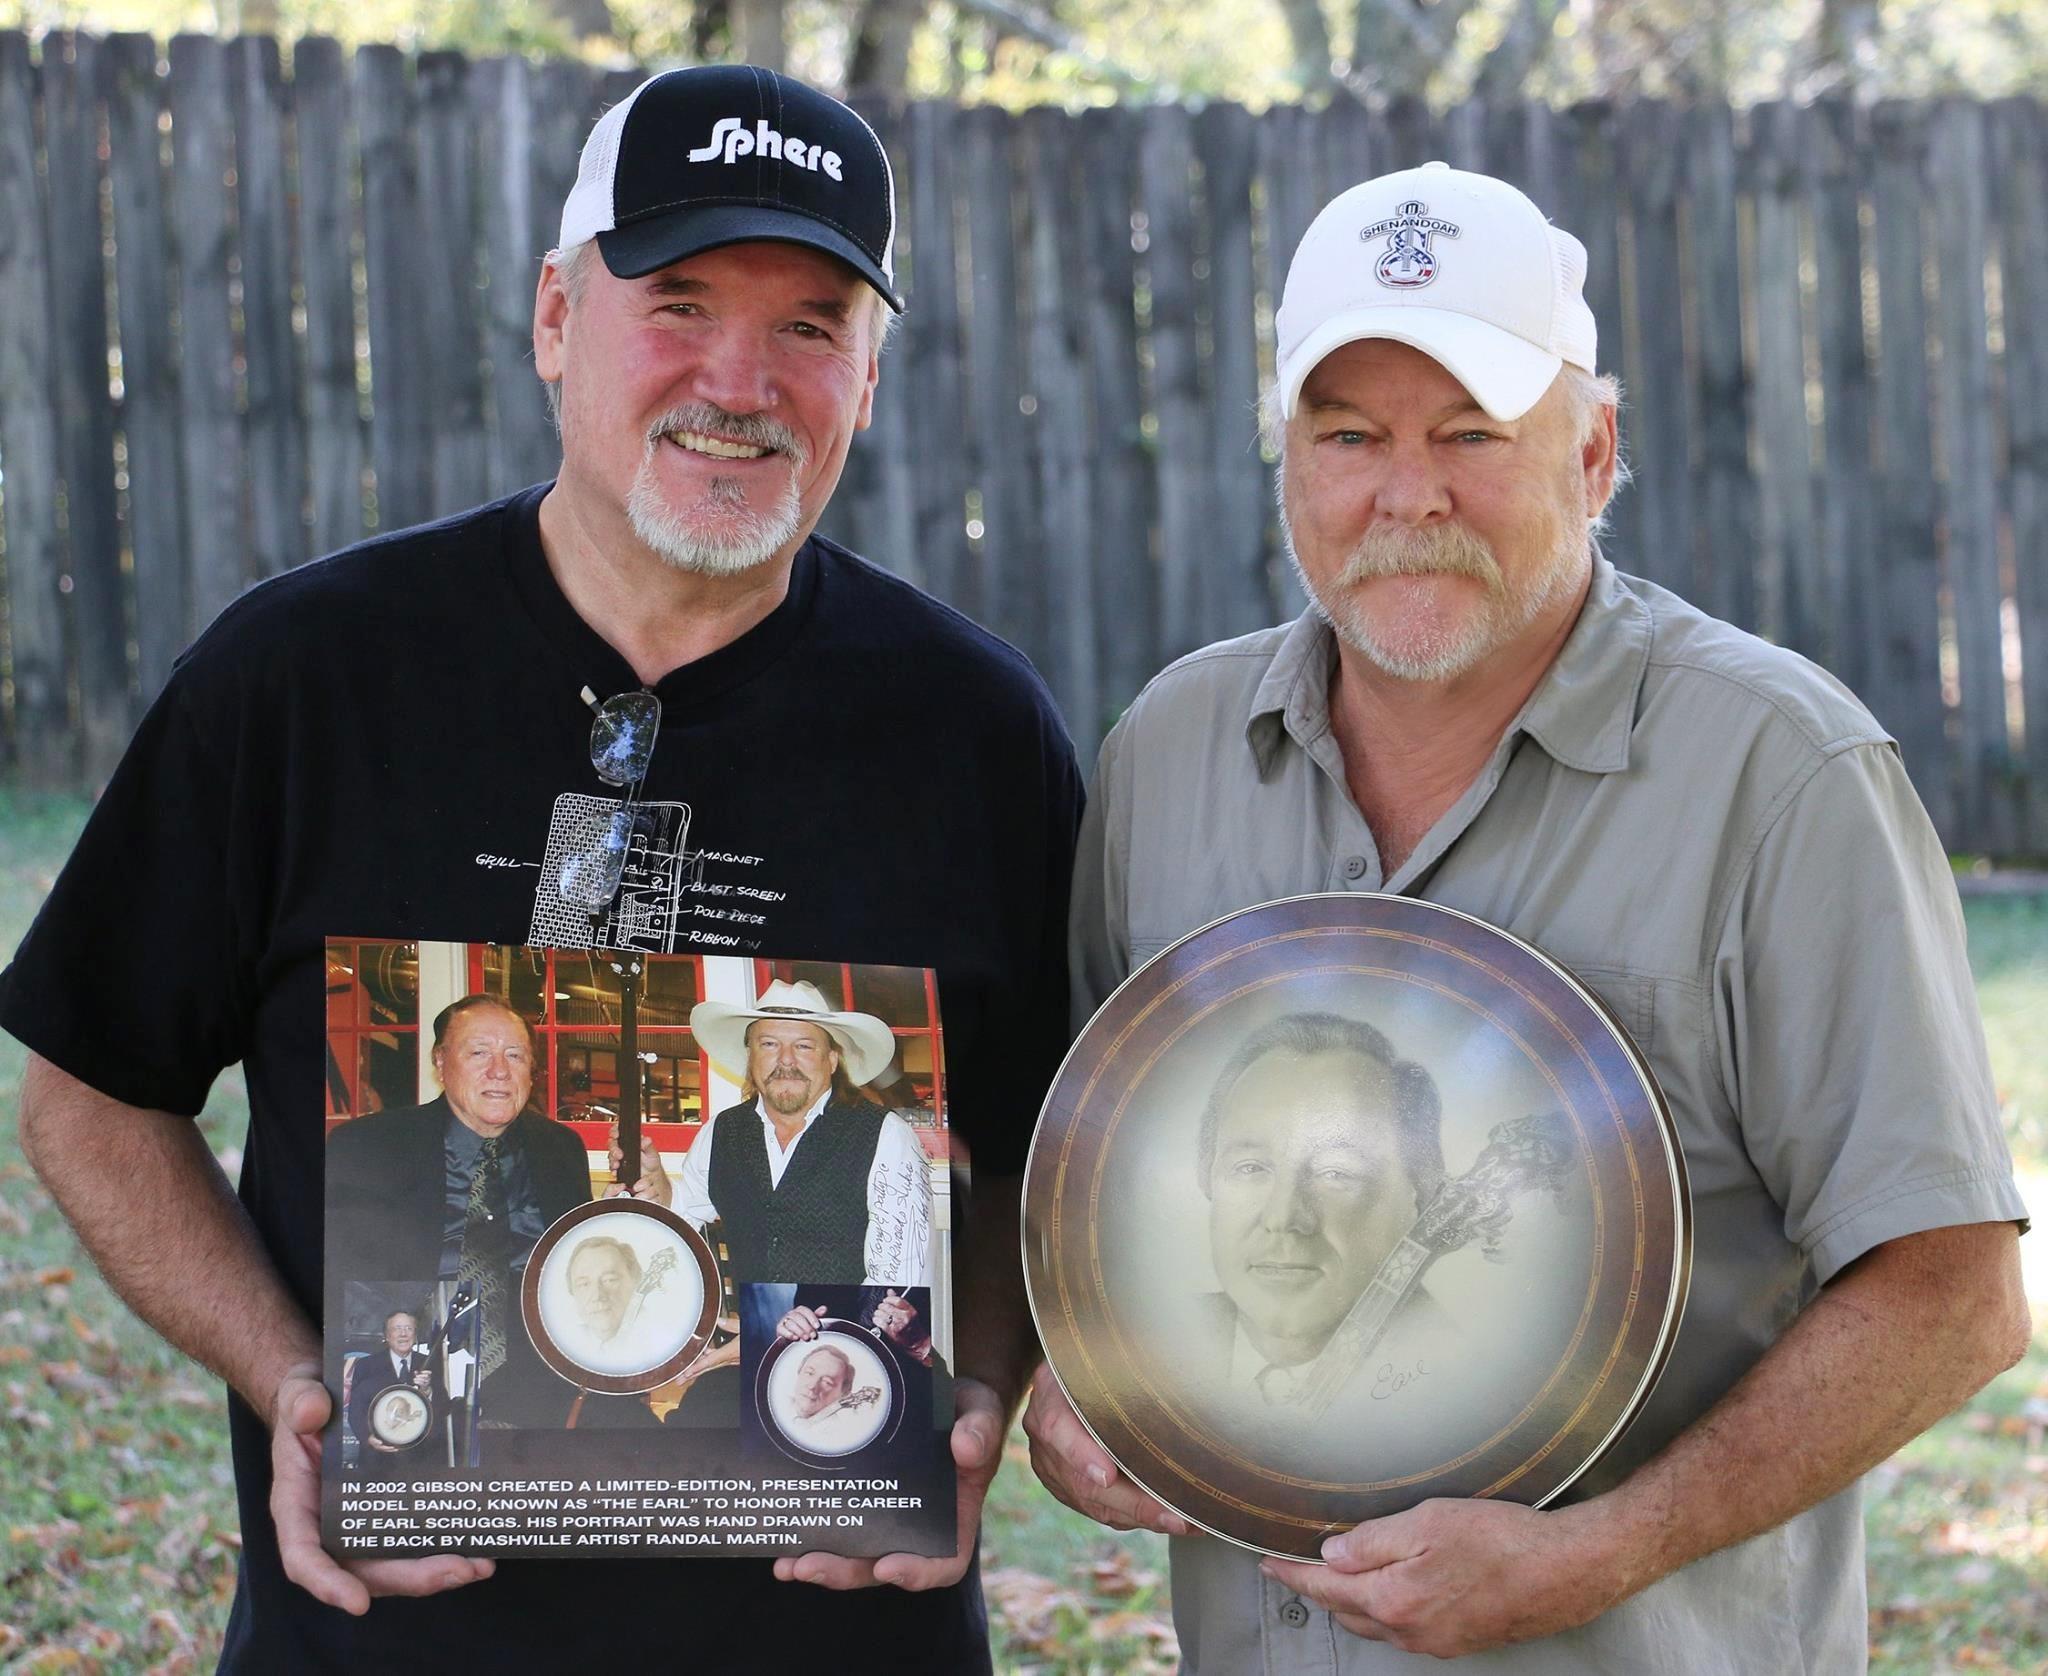 Tony & randy Martin Earl pic